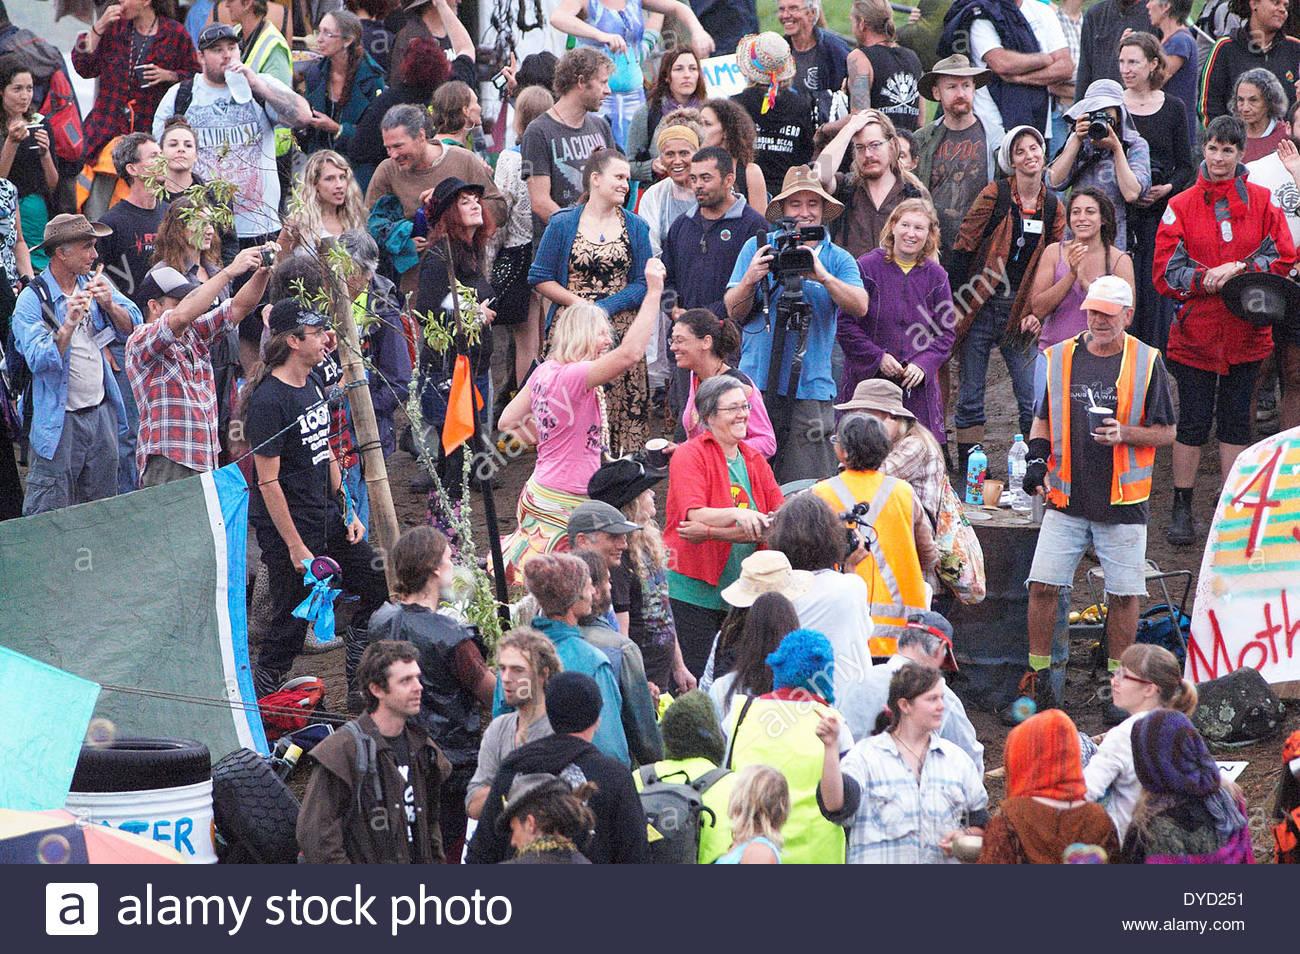 Une foule de personnes se sont réunies pour protester contre l'aube, au Bentley blocus près de Lismore, contre les intentions de Metgasco à forer des csg, 2014. Photo Stock